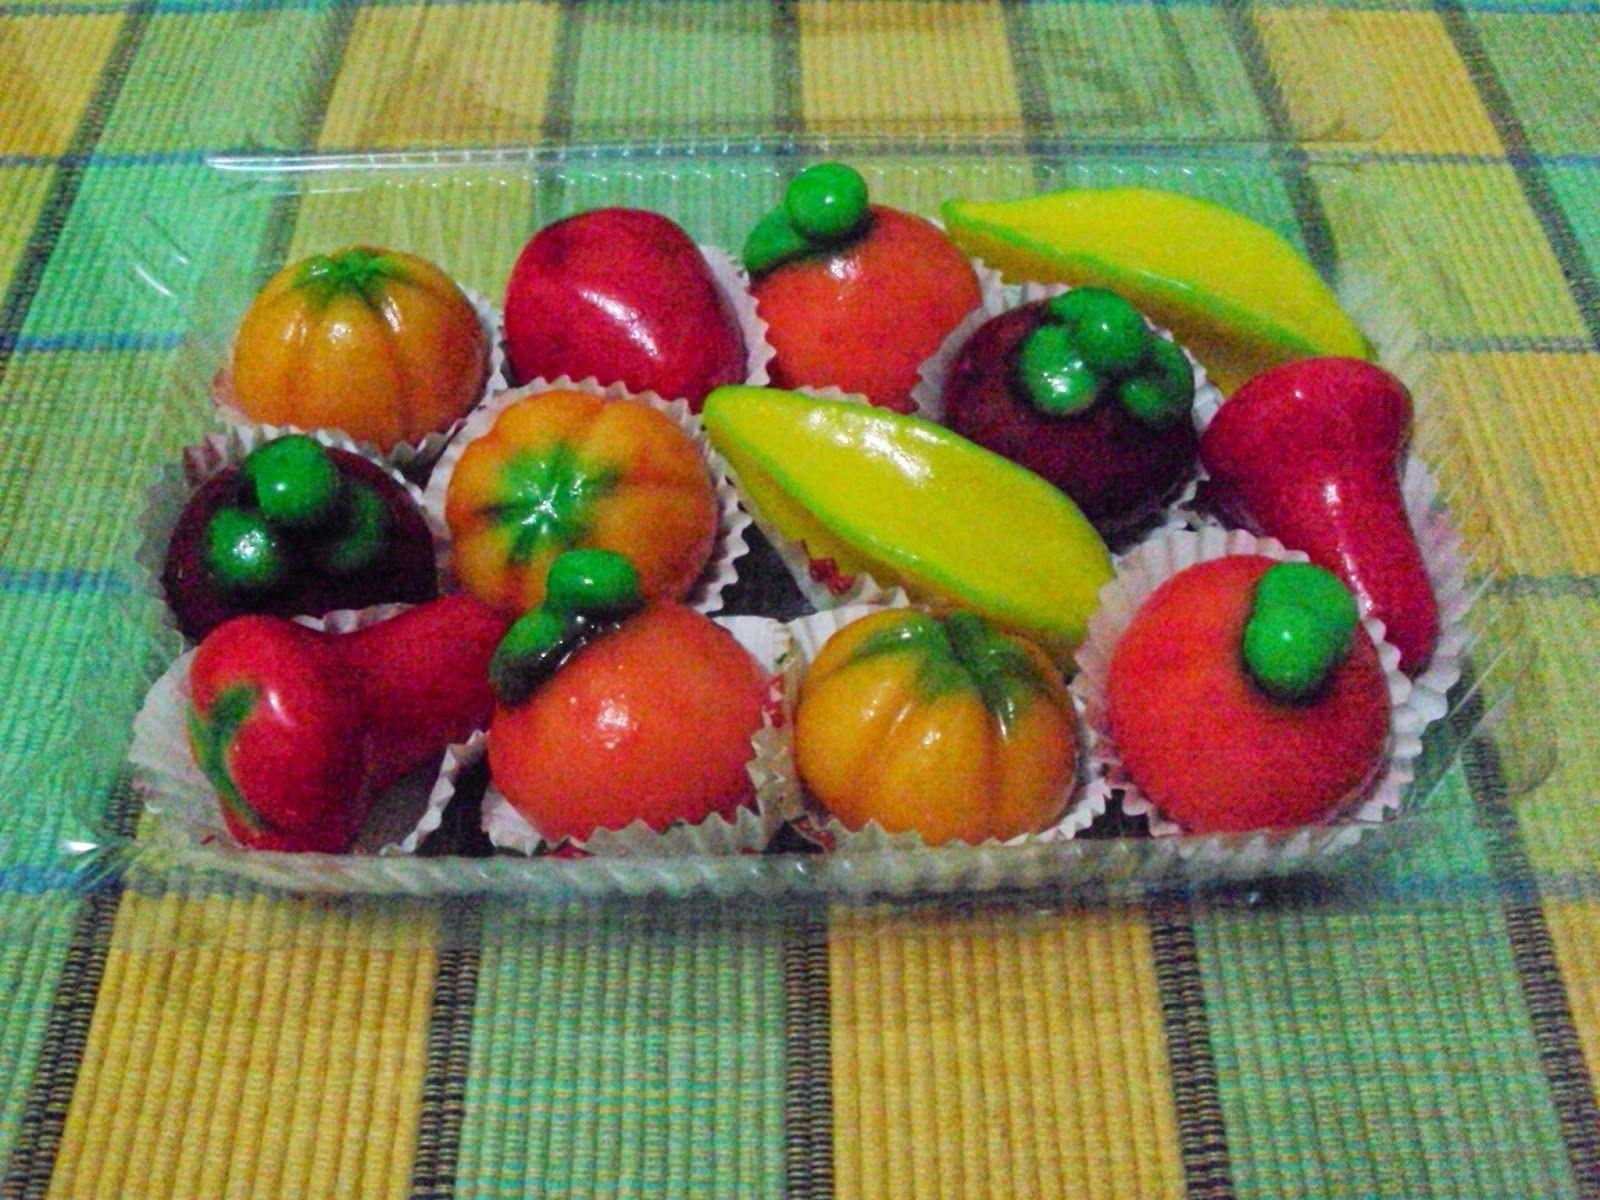 Foto Buah Mini Thailand Dalam Berbagai Macam Jenis Seperti Jeruk Belewah Belimbing Manggis Jambu Dan Yang Lainnya Informasi Lebih Lanjur Kue Buah Buah Kue